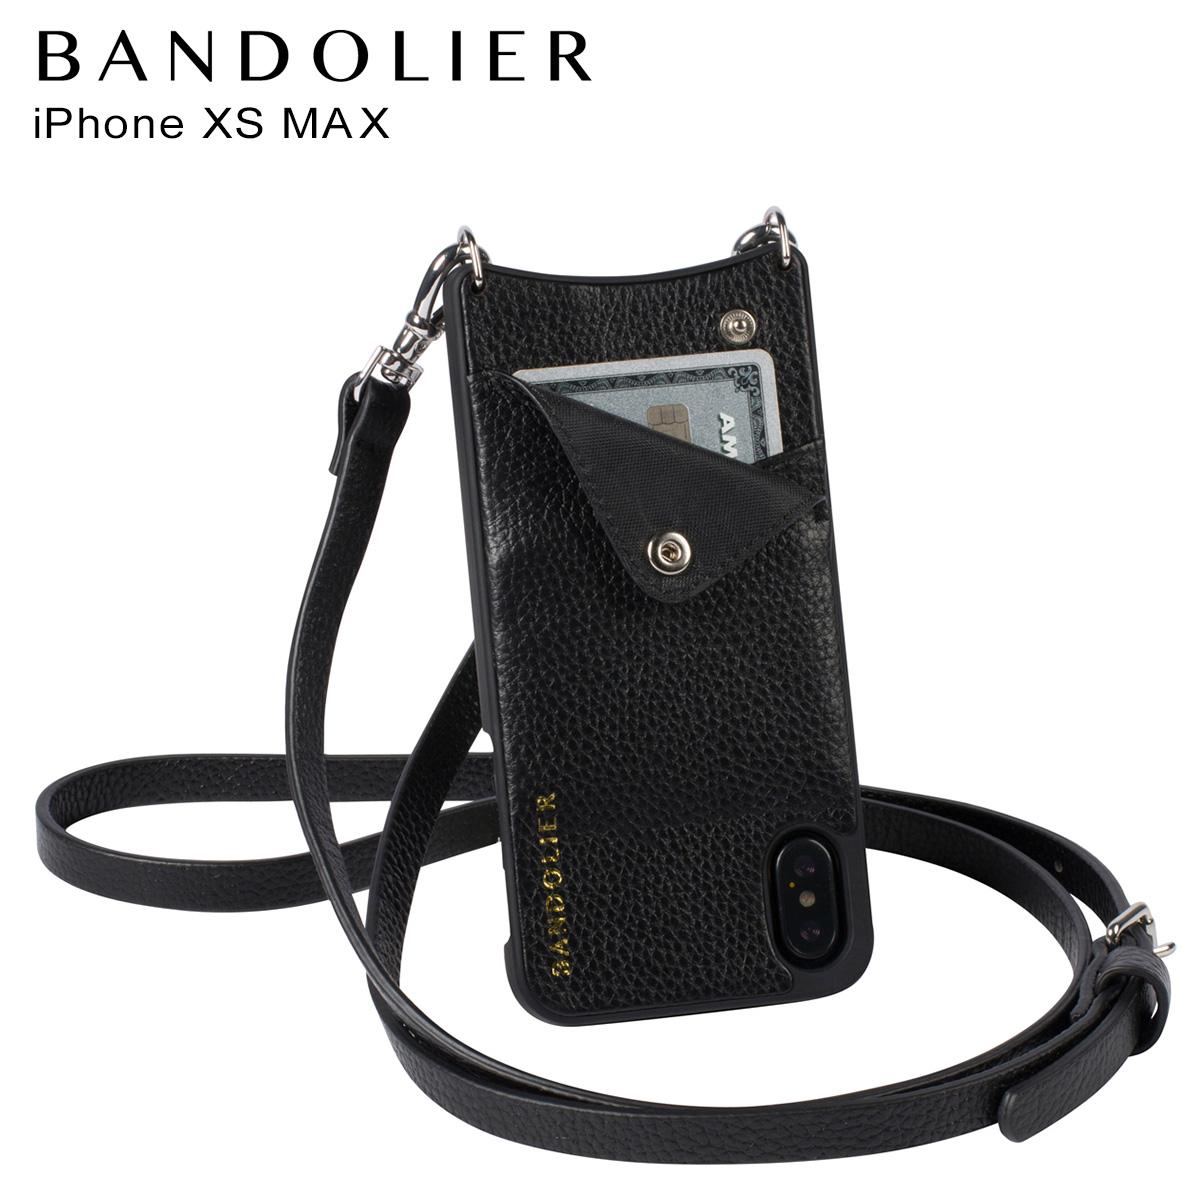 バンドリヤー BANDOLIER iPhone XS MAX ケース ショルダー スマホ アイフォン レザー EMMA SILVER メンズ レディース ブラック 黒 10EMM1001 [予約商品 4月下旬頃入荷予定 再入荷]